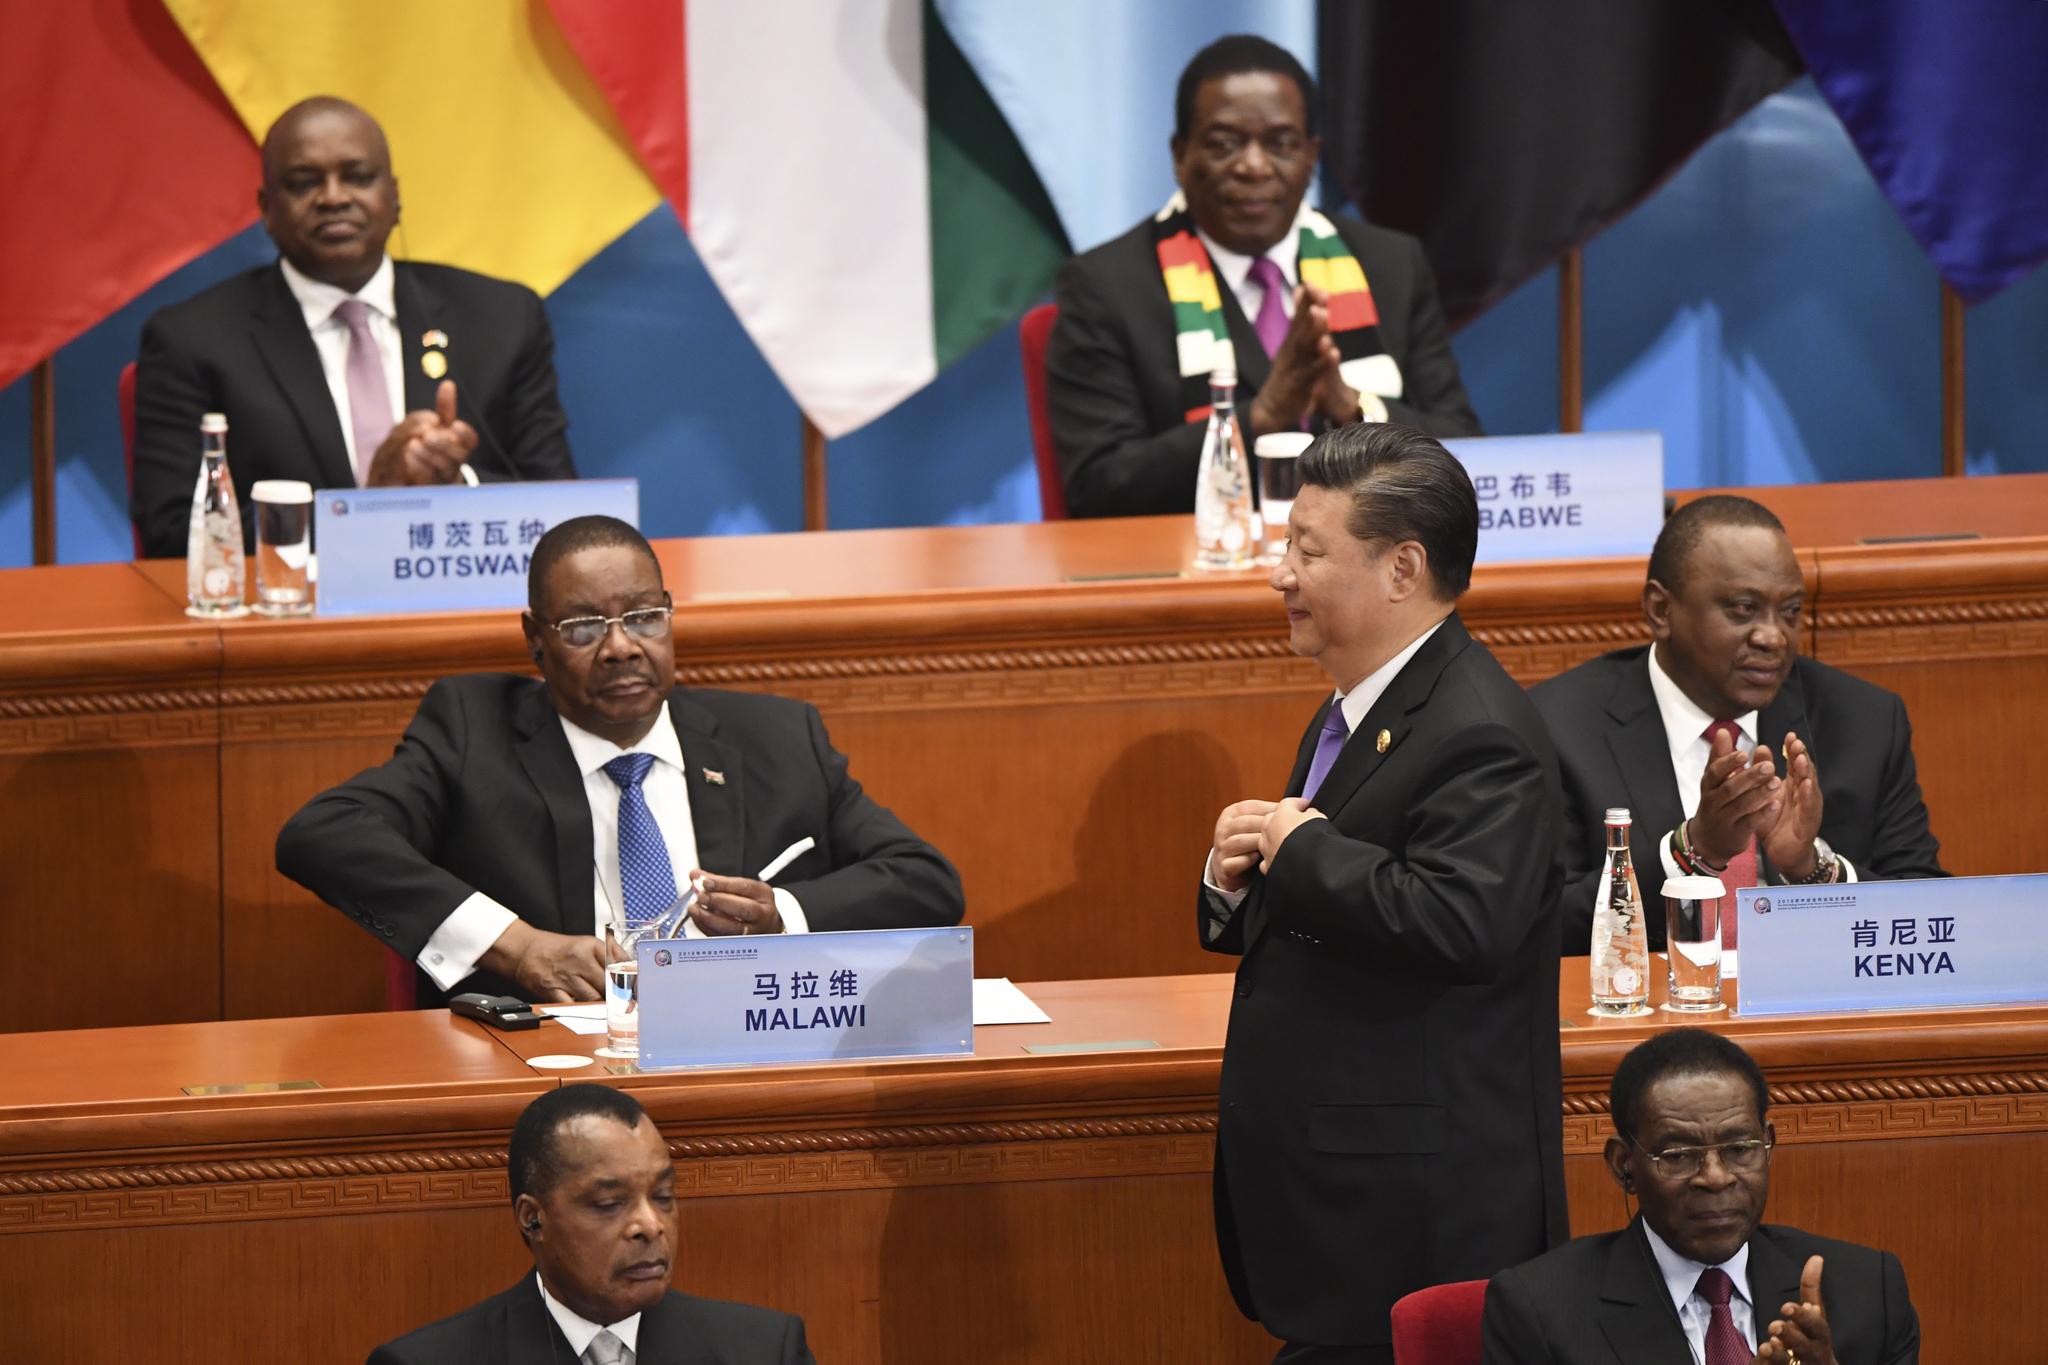 시진핑 중국 국가 주석이 3일 베이징 인민대회당에서 열린 중국-아프리카 협력 정상회의에 참석, 기조연설을 하기위해 단상으로 이동하고 있다. [EPA=연합뉴스]